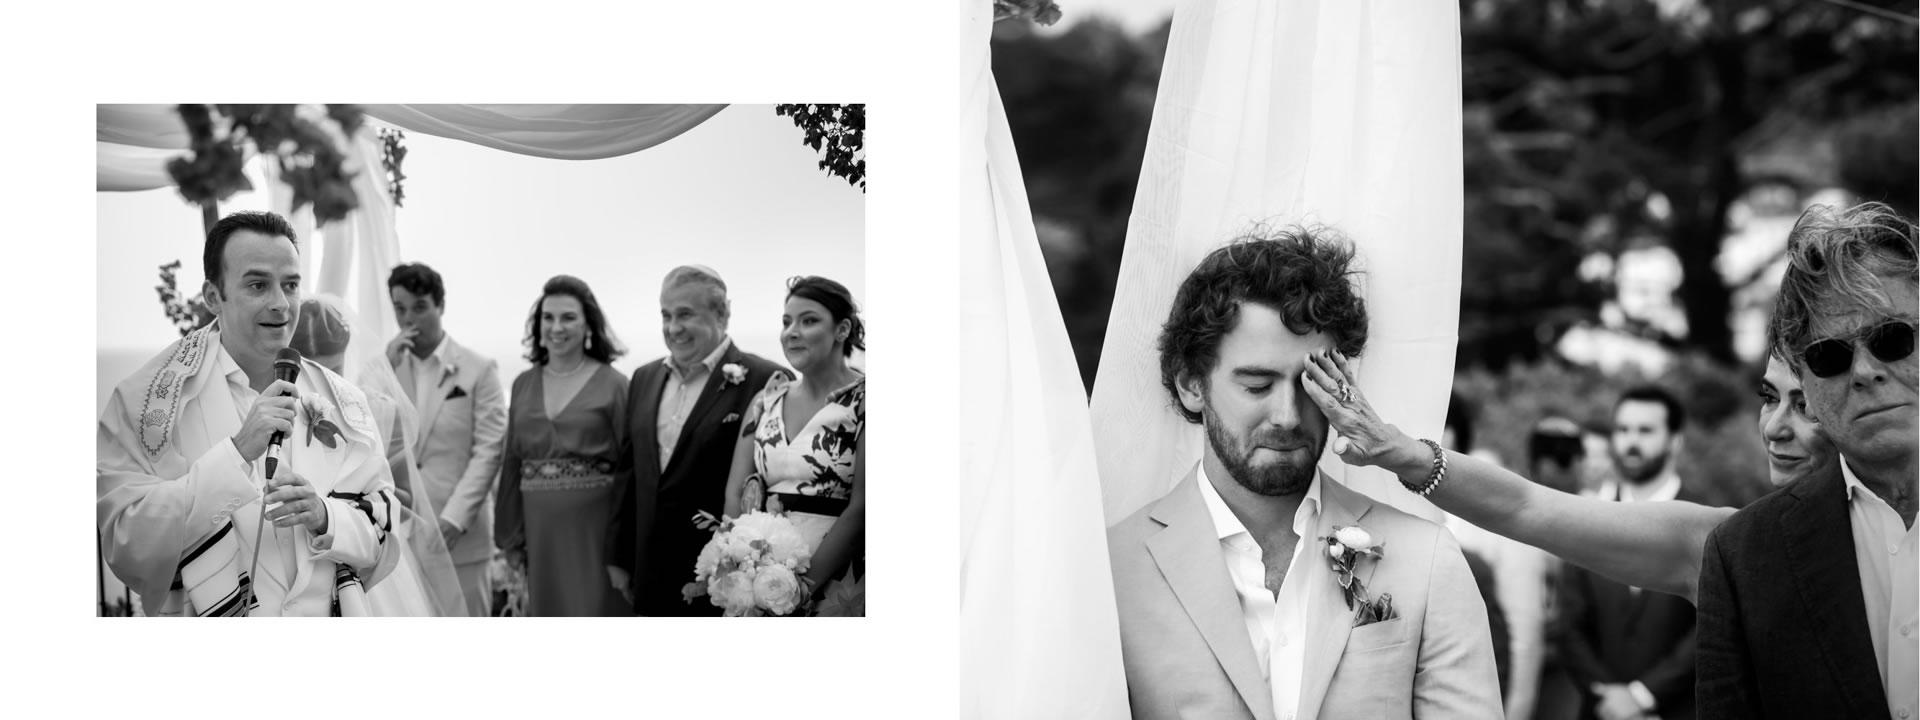 - 37 :: Jewish luxury wedding weekend in Capri :: Luxury wedding photography - 36 ::  - 37